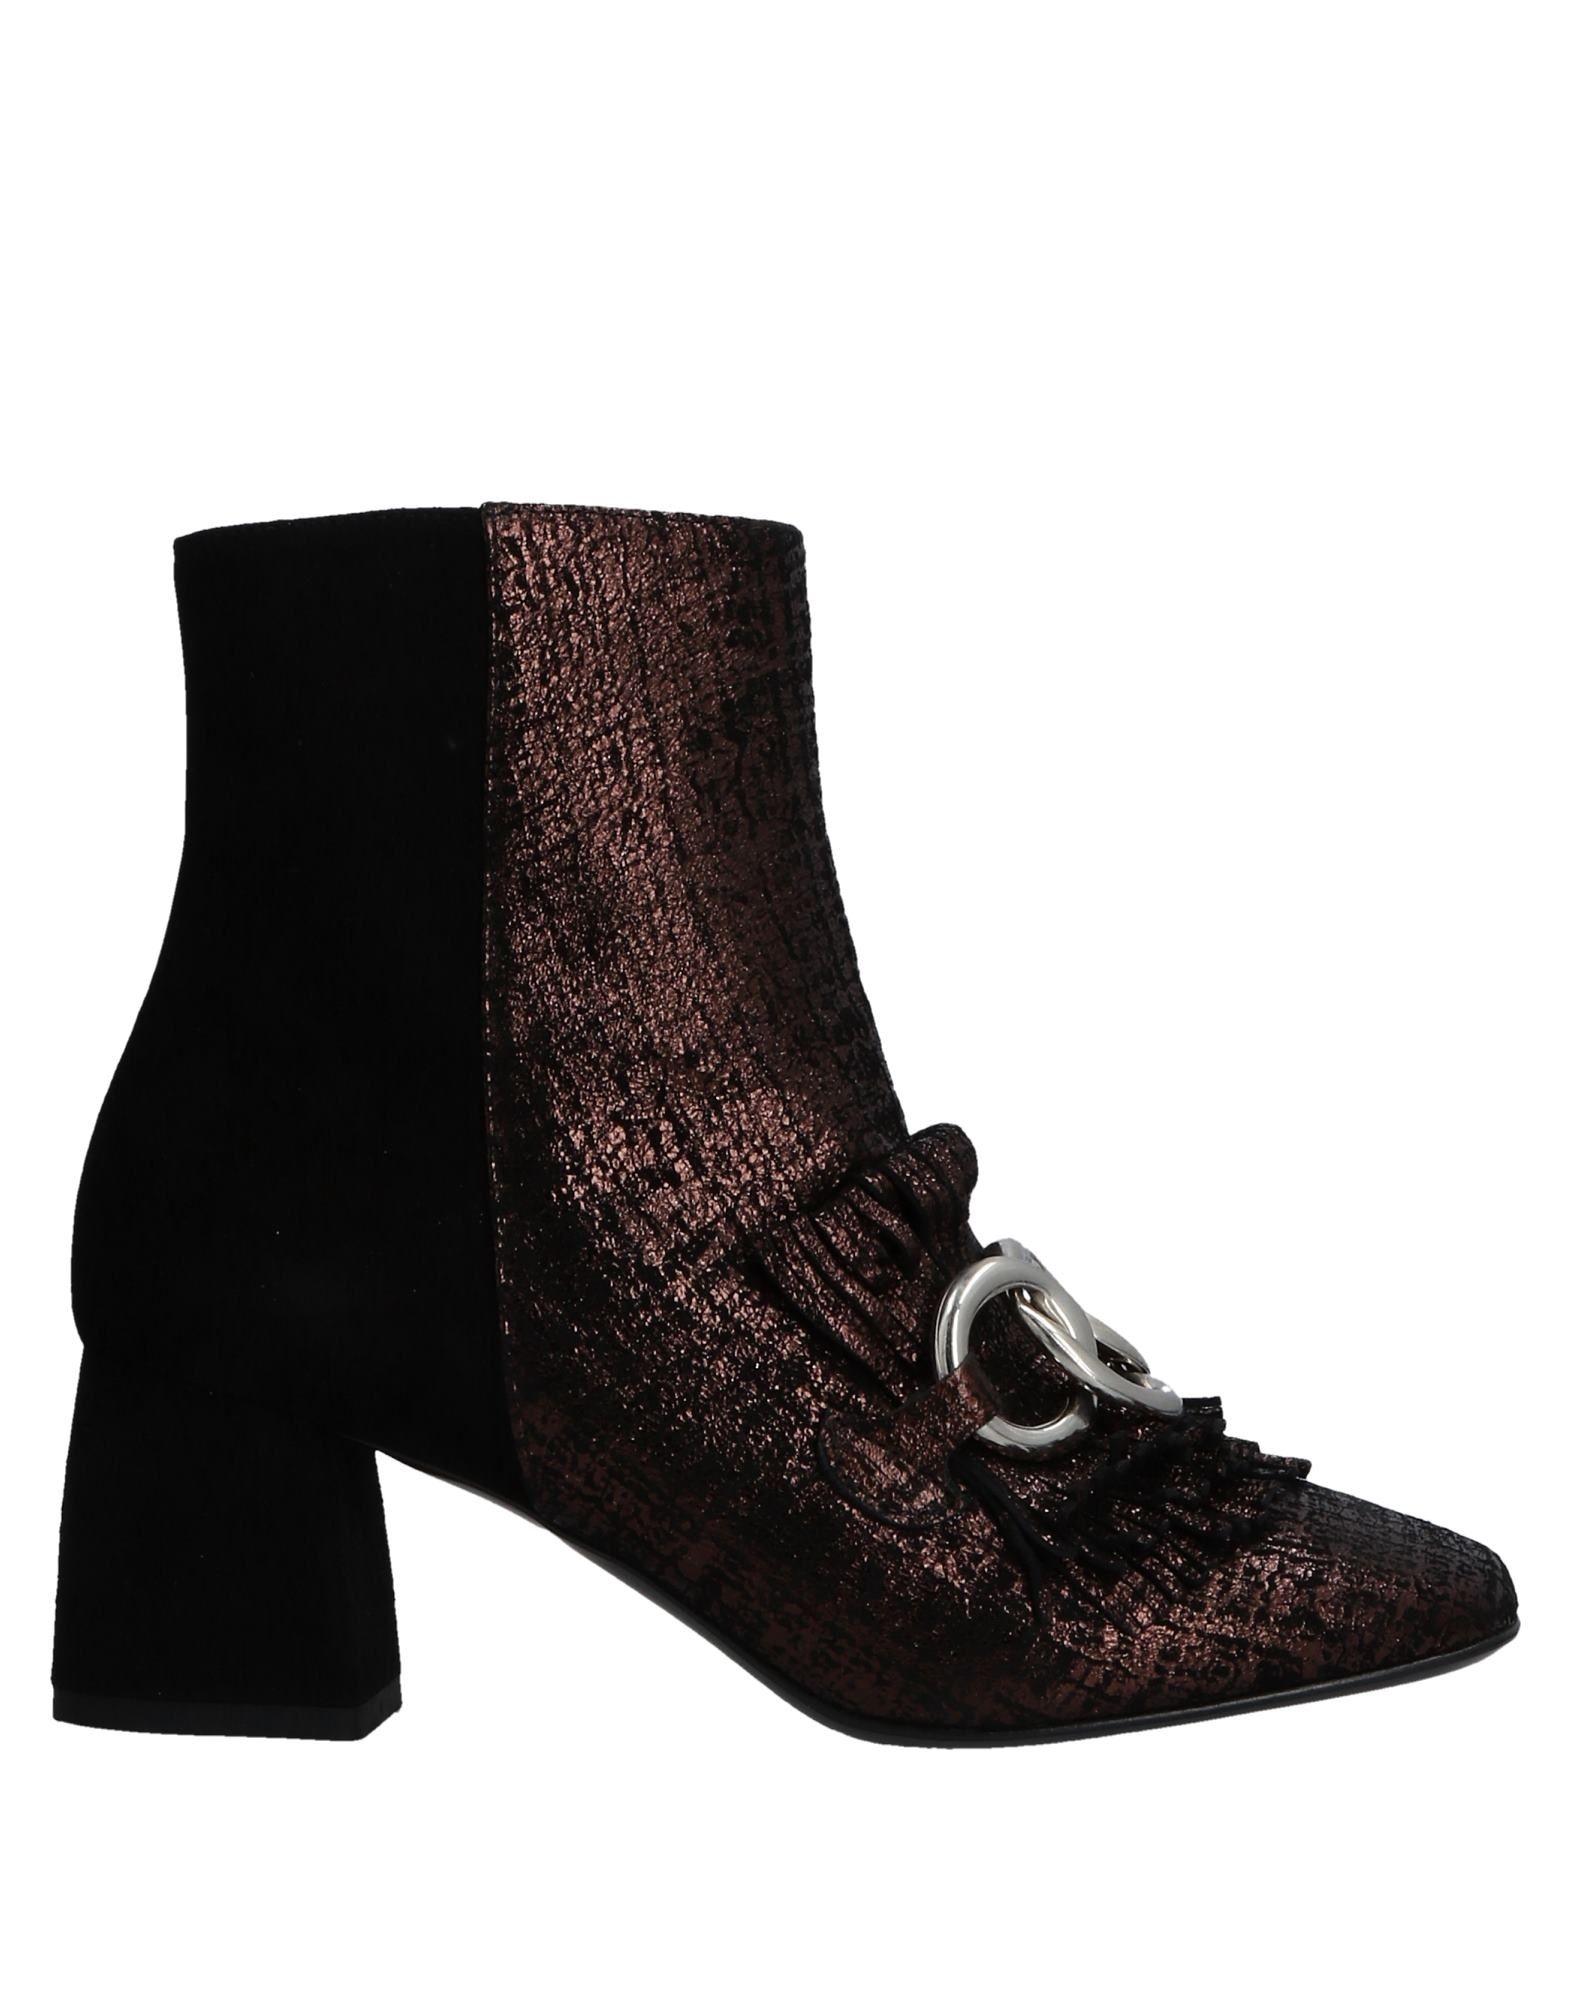 Rabatt Schuhe F.Lli Bruglia  Stiefelette Damen  Bruglia 11519863RS c7c739